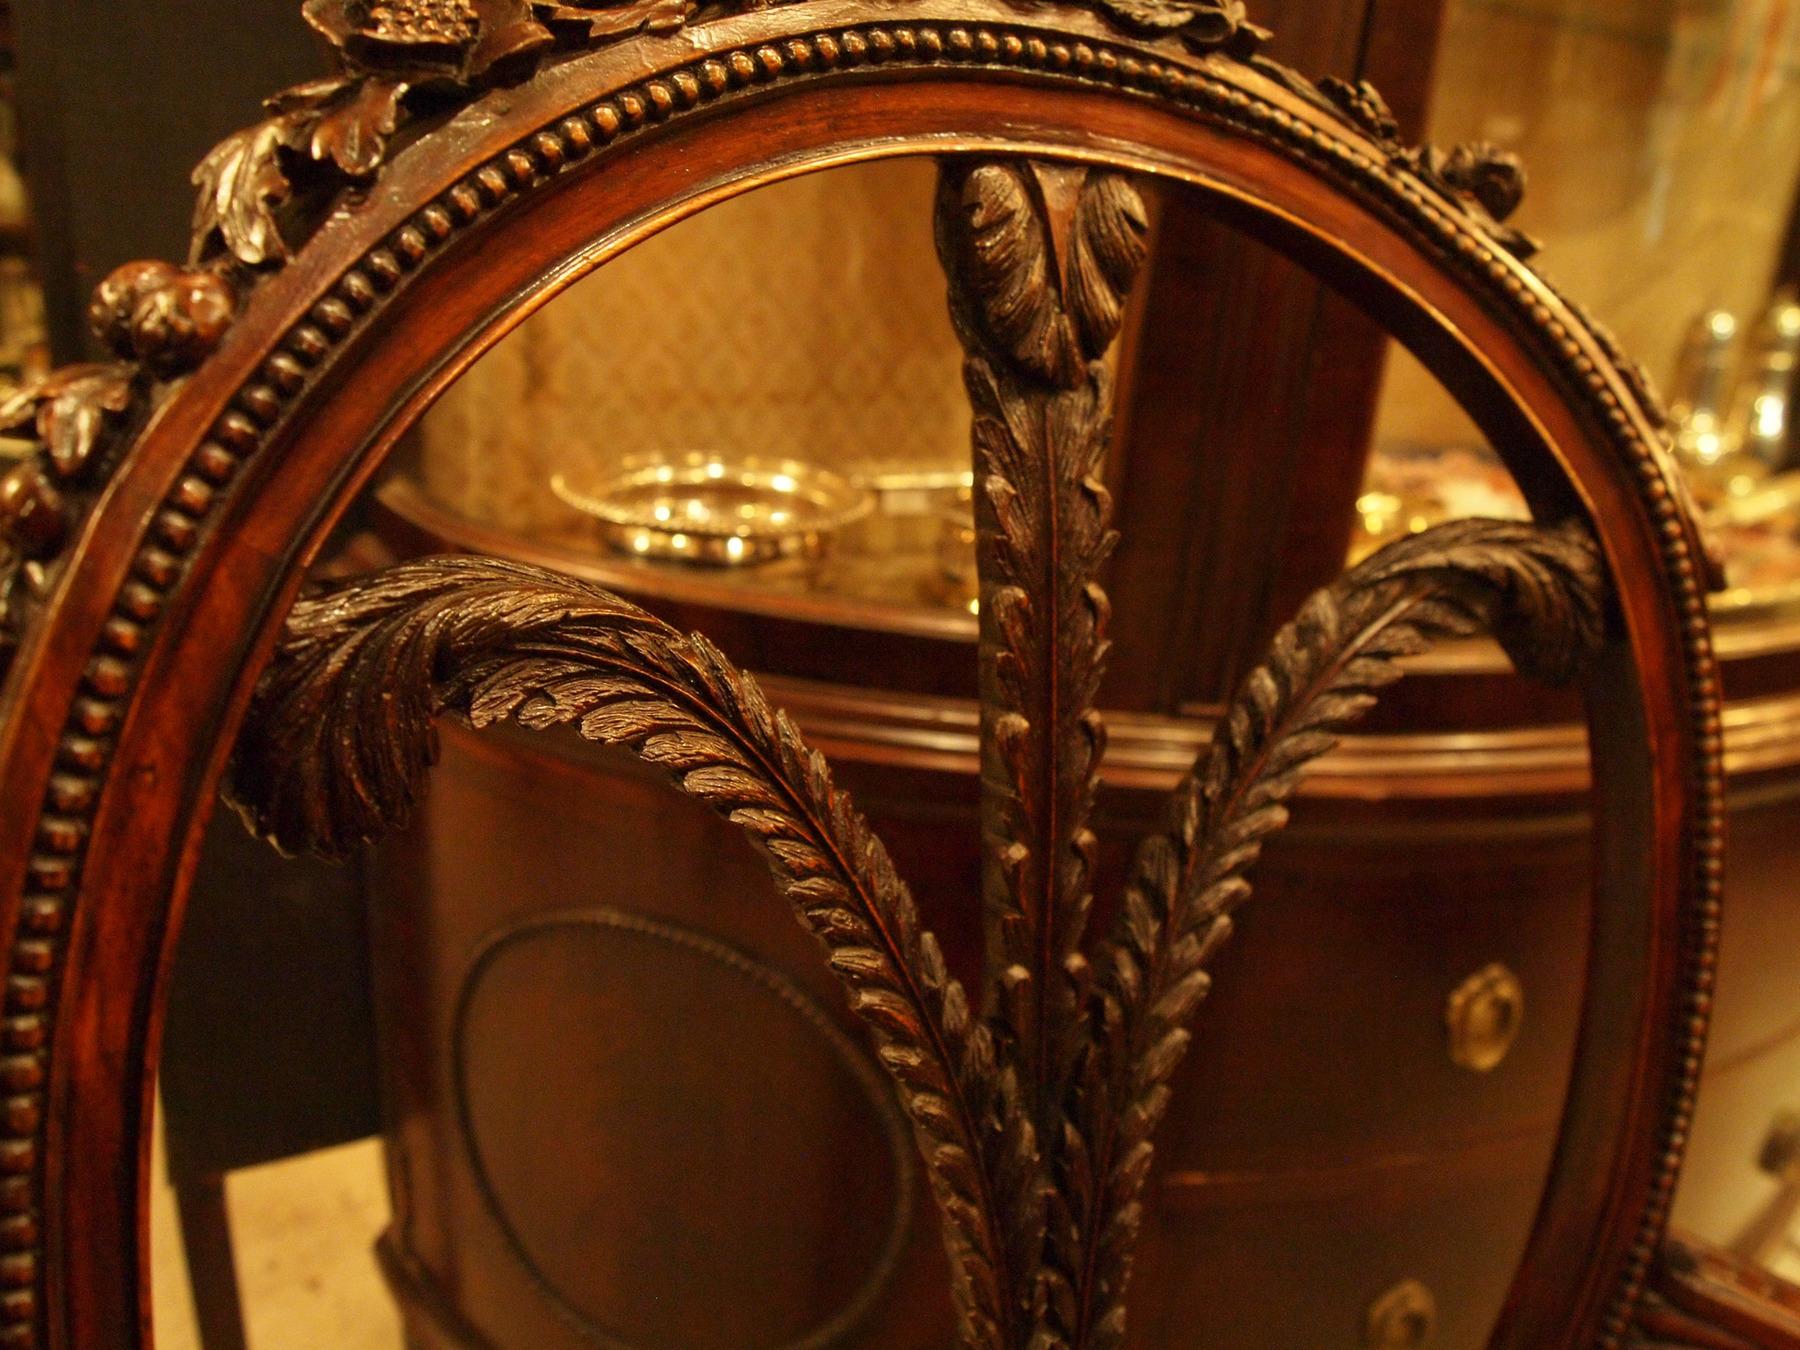 chair200214a_06.JPG